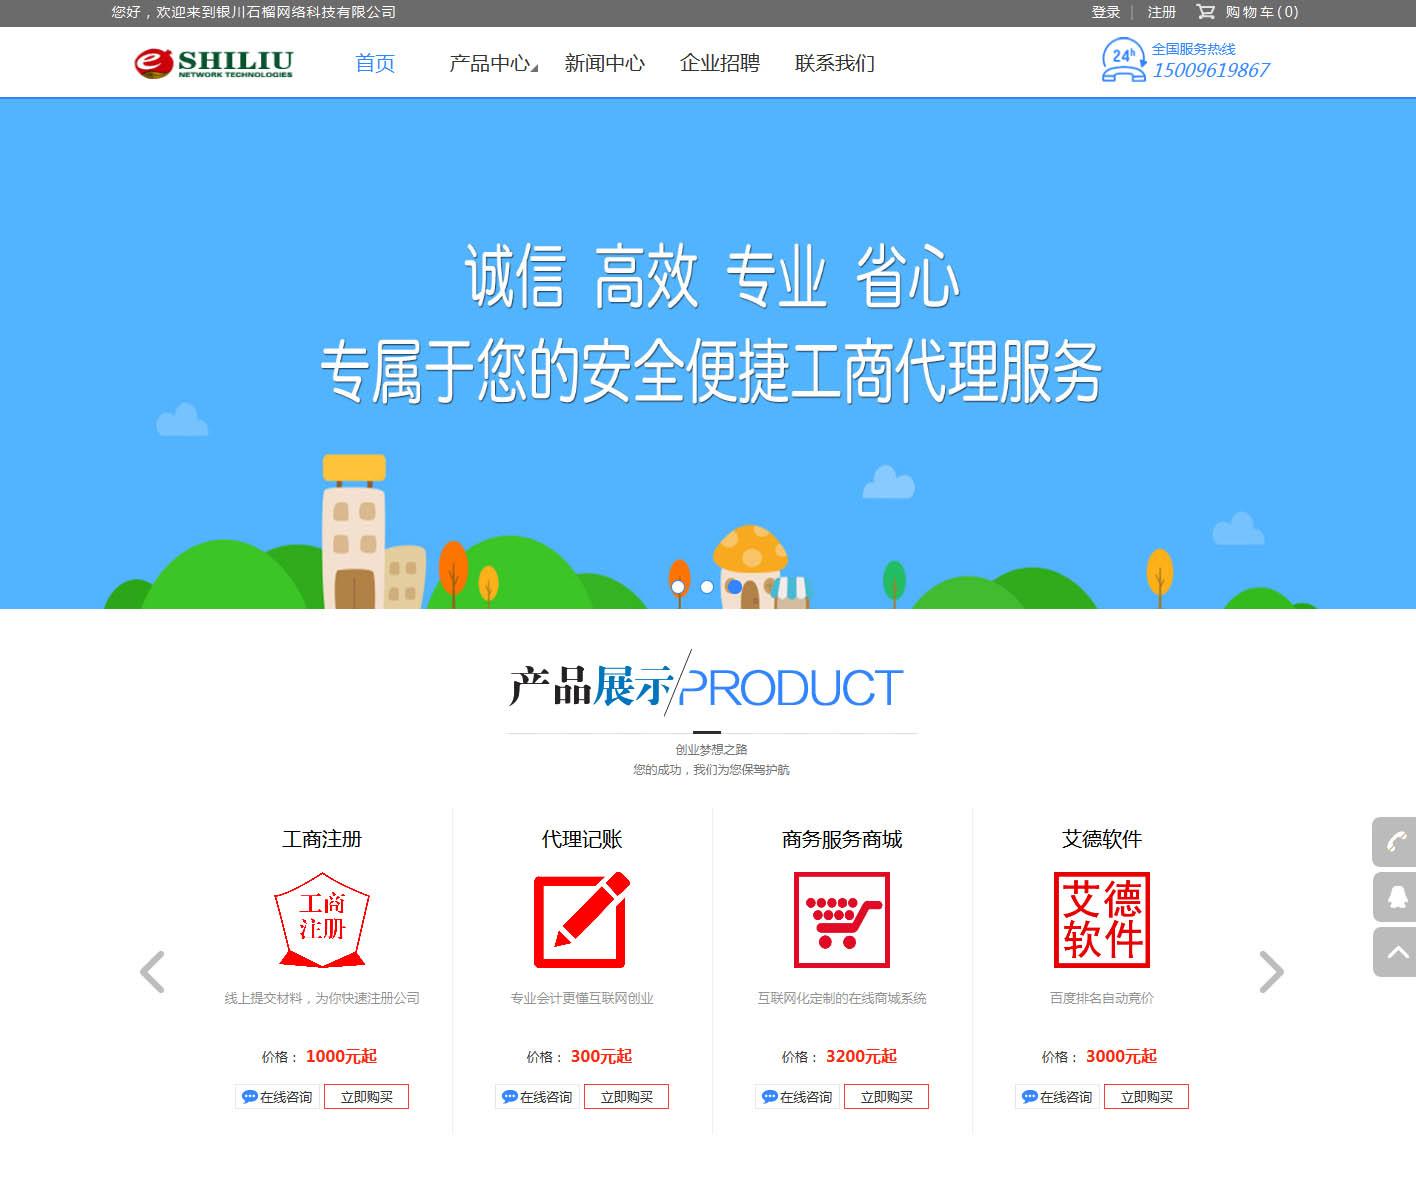 银川石榴网络科技有限公司